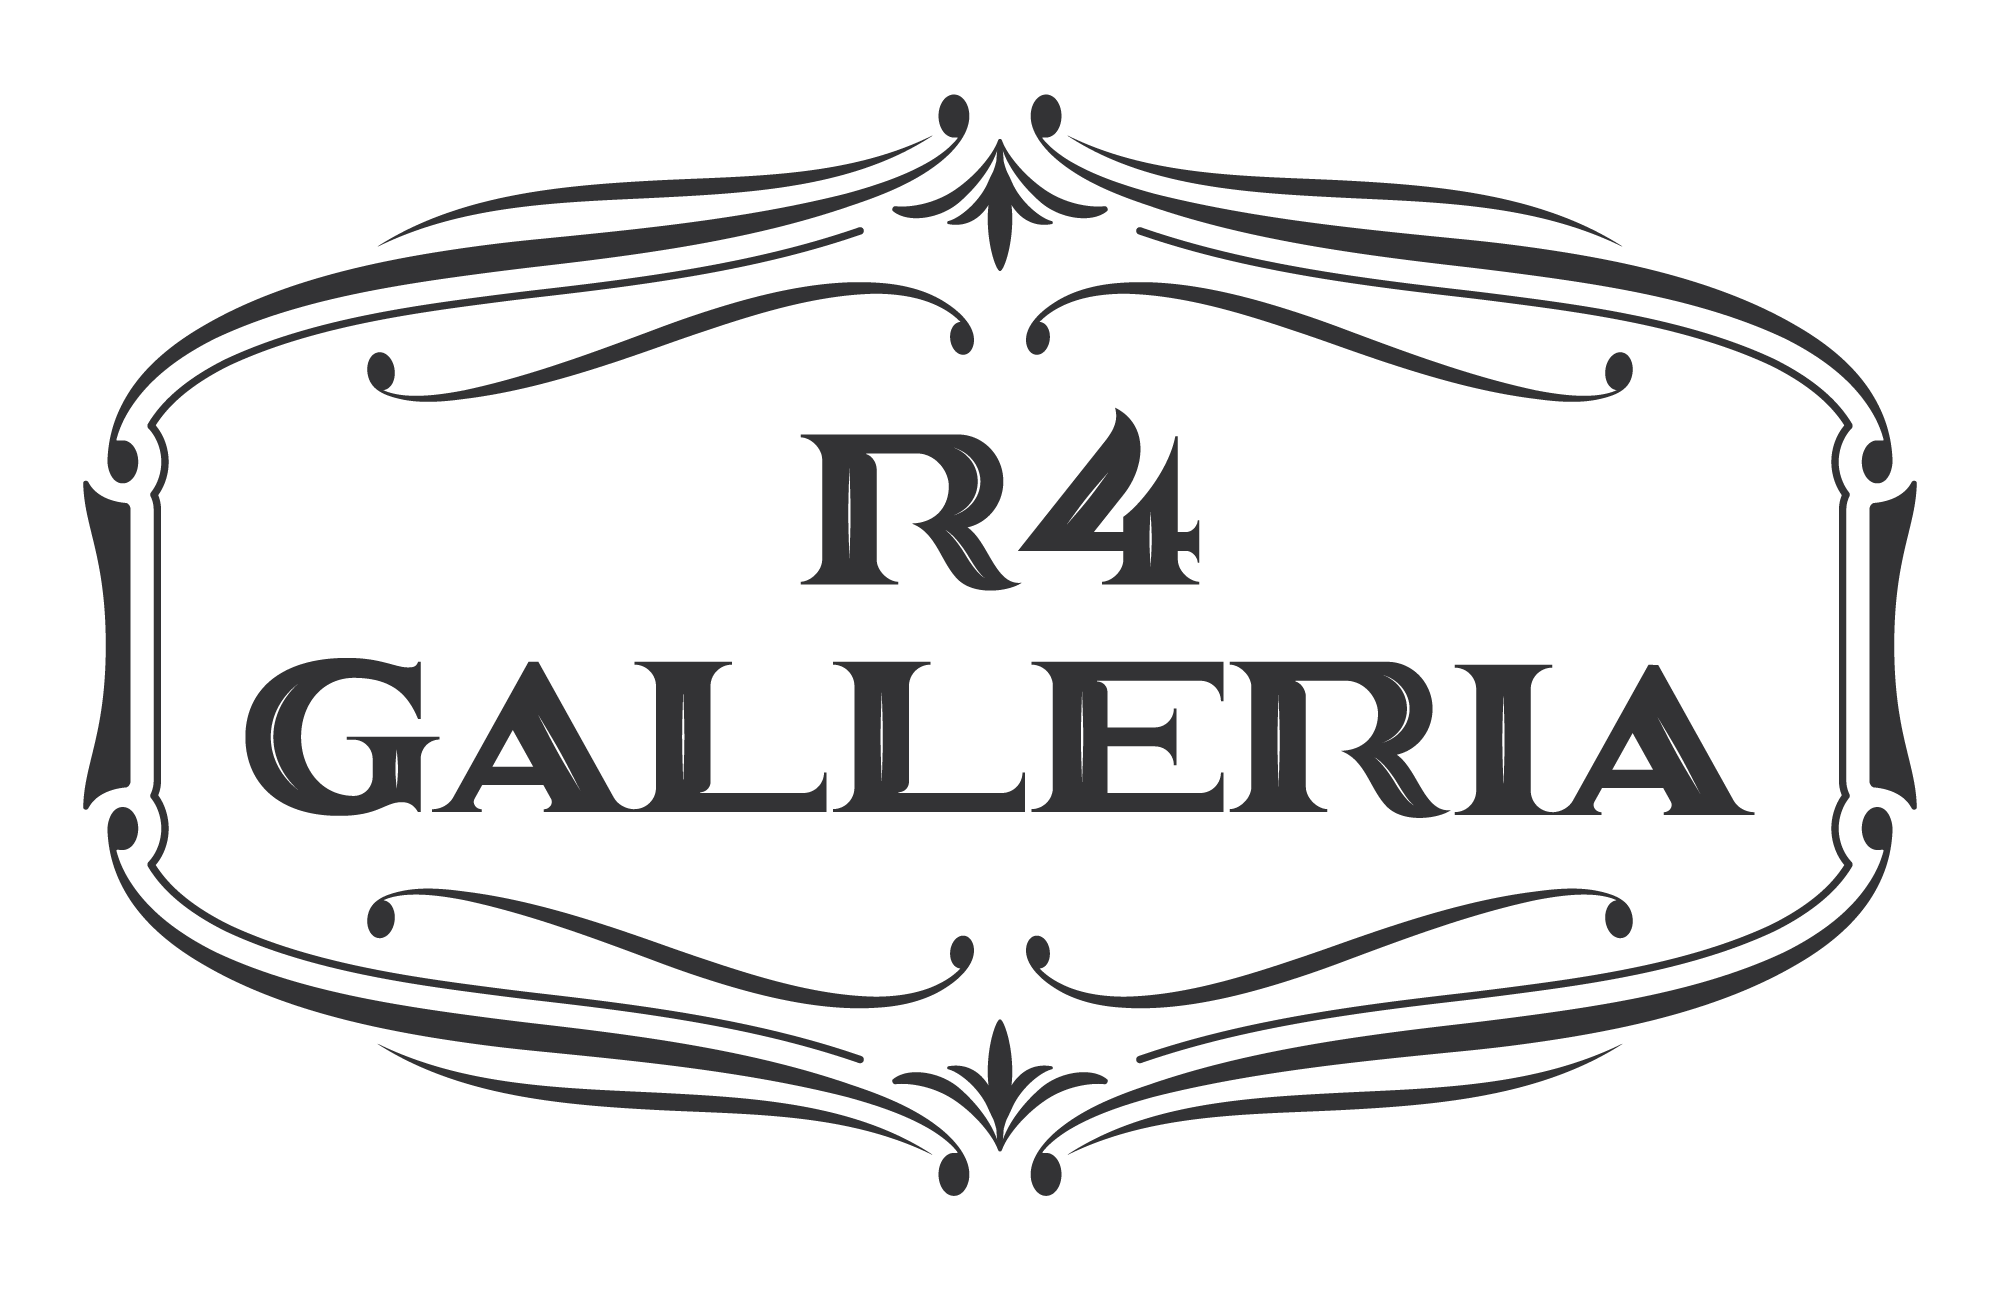 General logo design